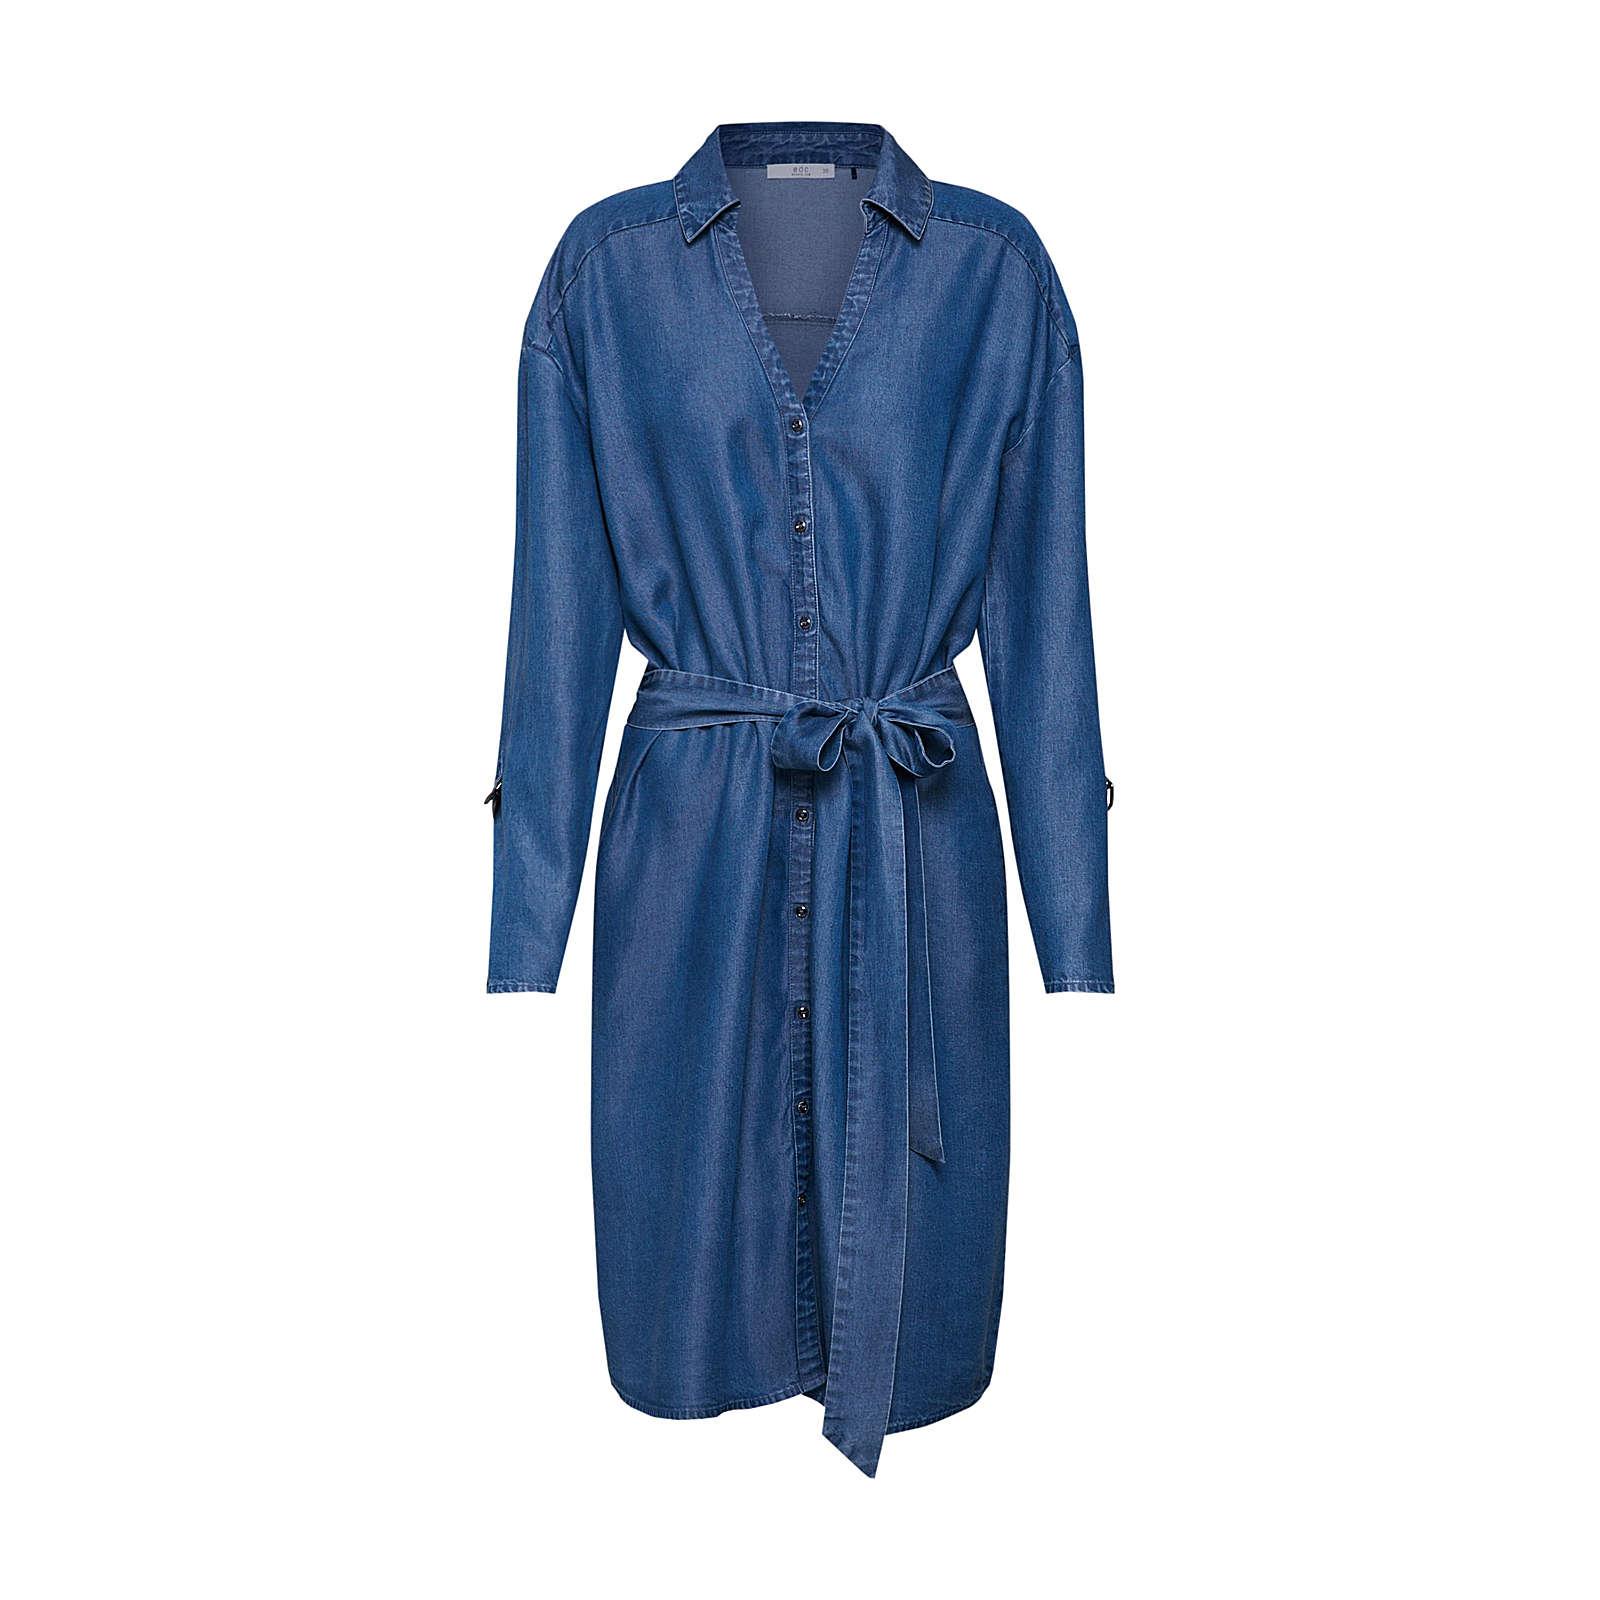 EDC BY ESPRIT Blusenkleid ECOM Blusenkleider blau Damen Gr. 36